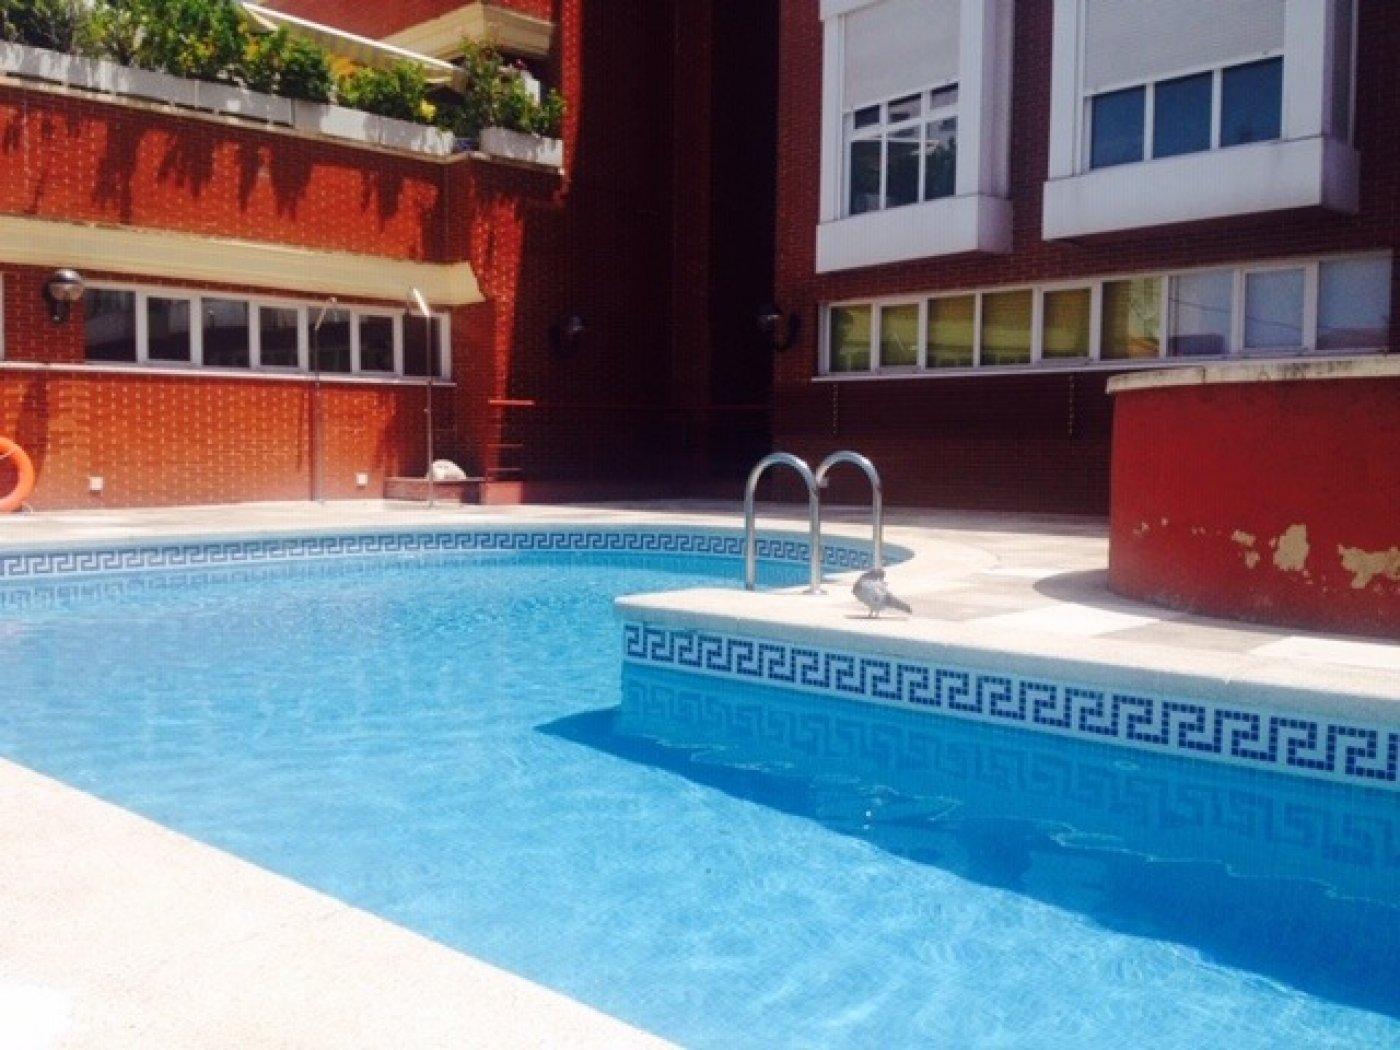 Bonito apartamento en  zona de costillares tetuan cuzco - imagenInmueble21